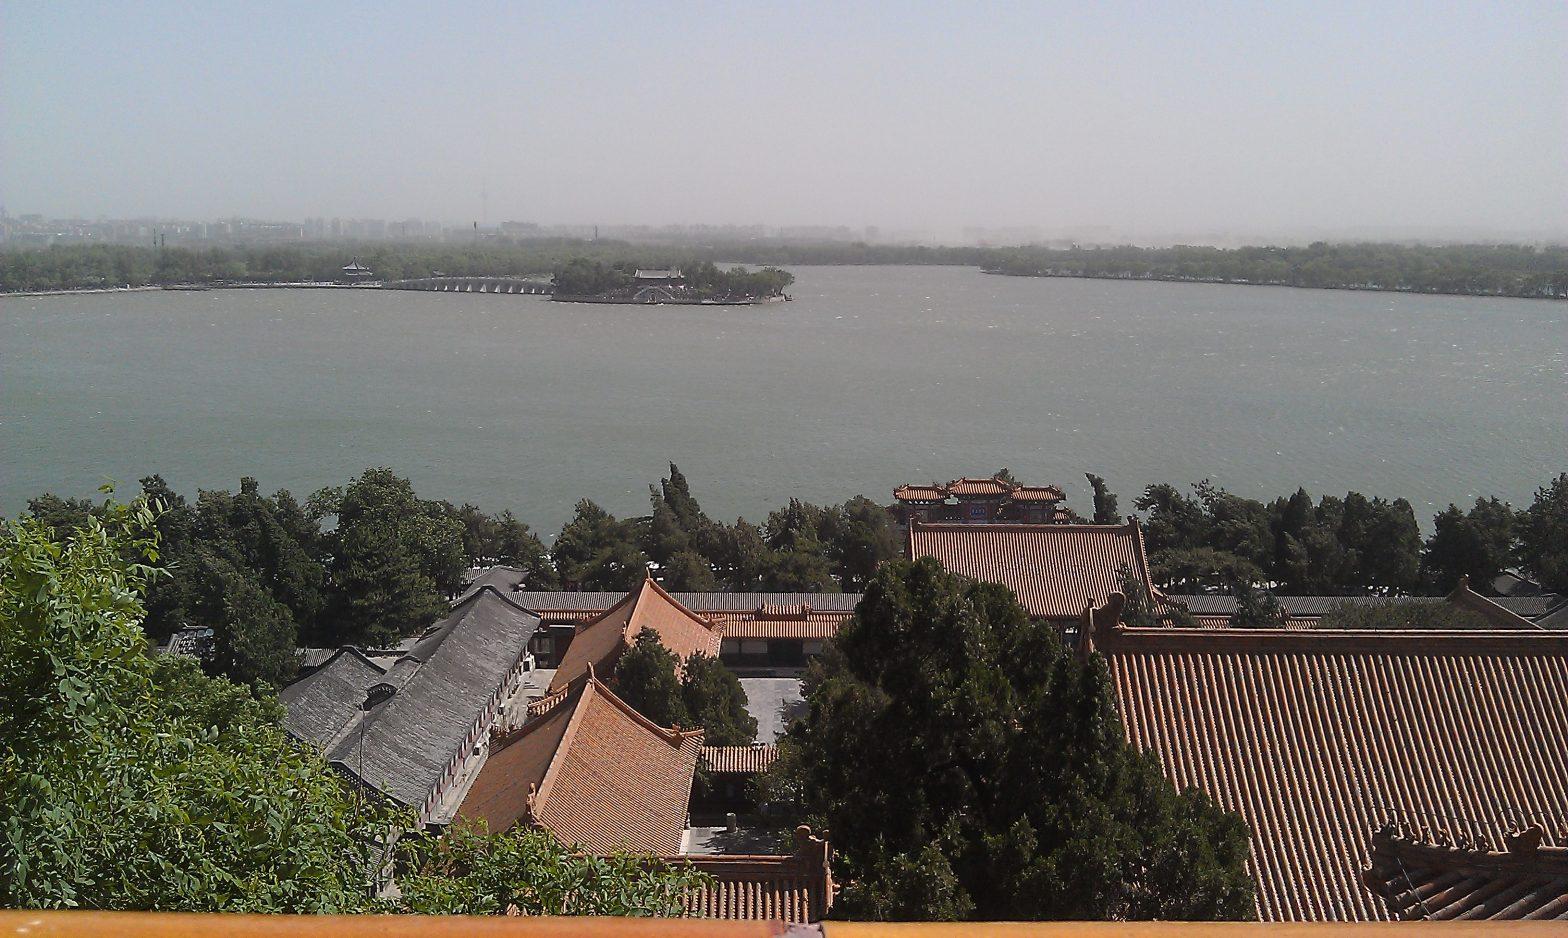 Маршрут Хабаровск — Шанхай. Поездами и автобусами по городам северо-востока Китая 5. Из Пекина в Лоян. Источник: http://magazeta.com/?p=36045